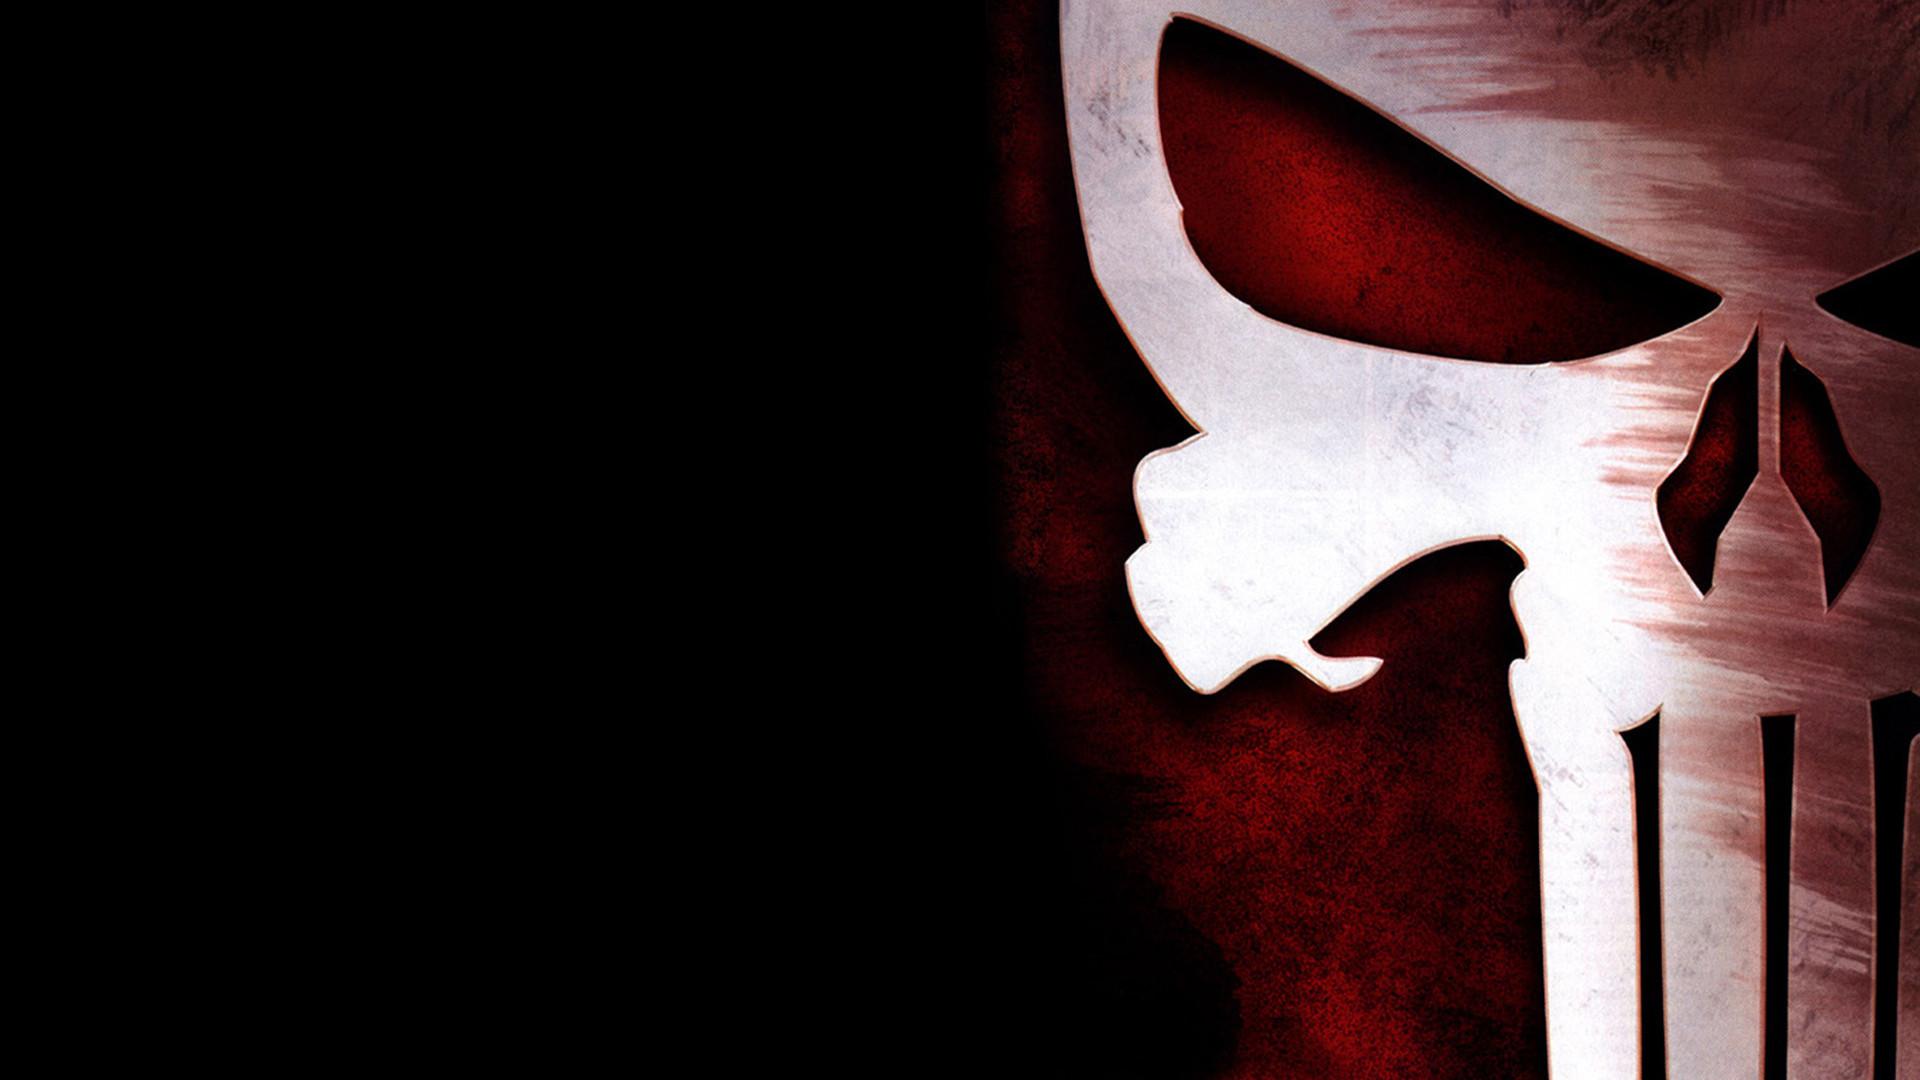 3d Wallpaper For Droid Punisher Wallpaper Skull 183 ①